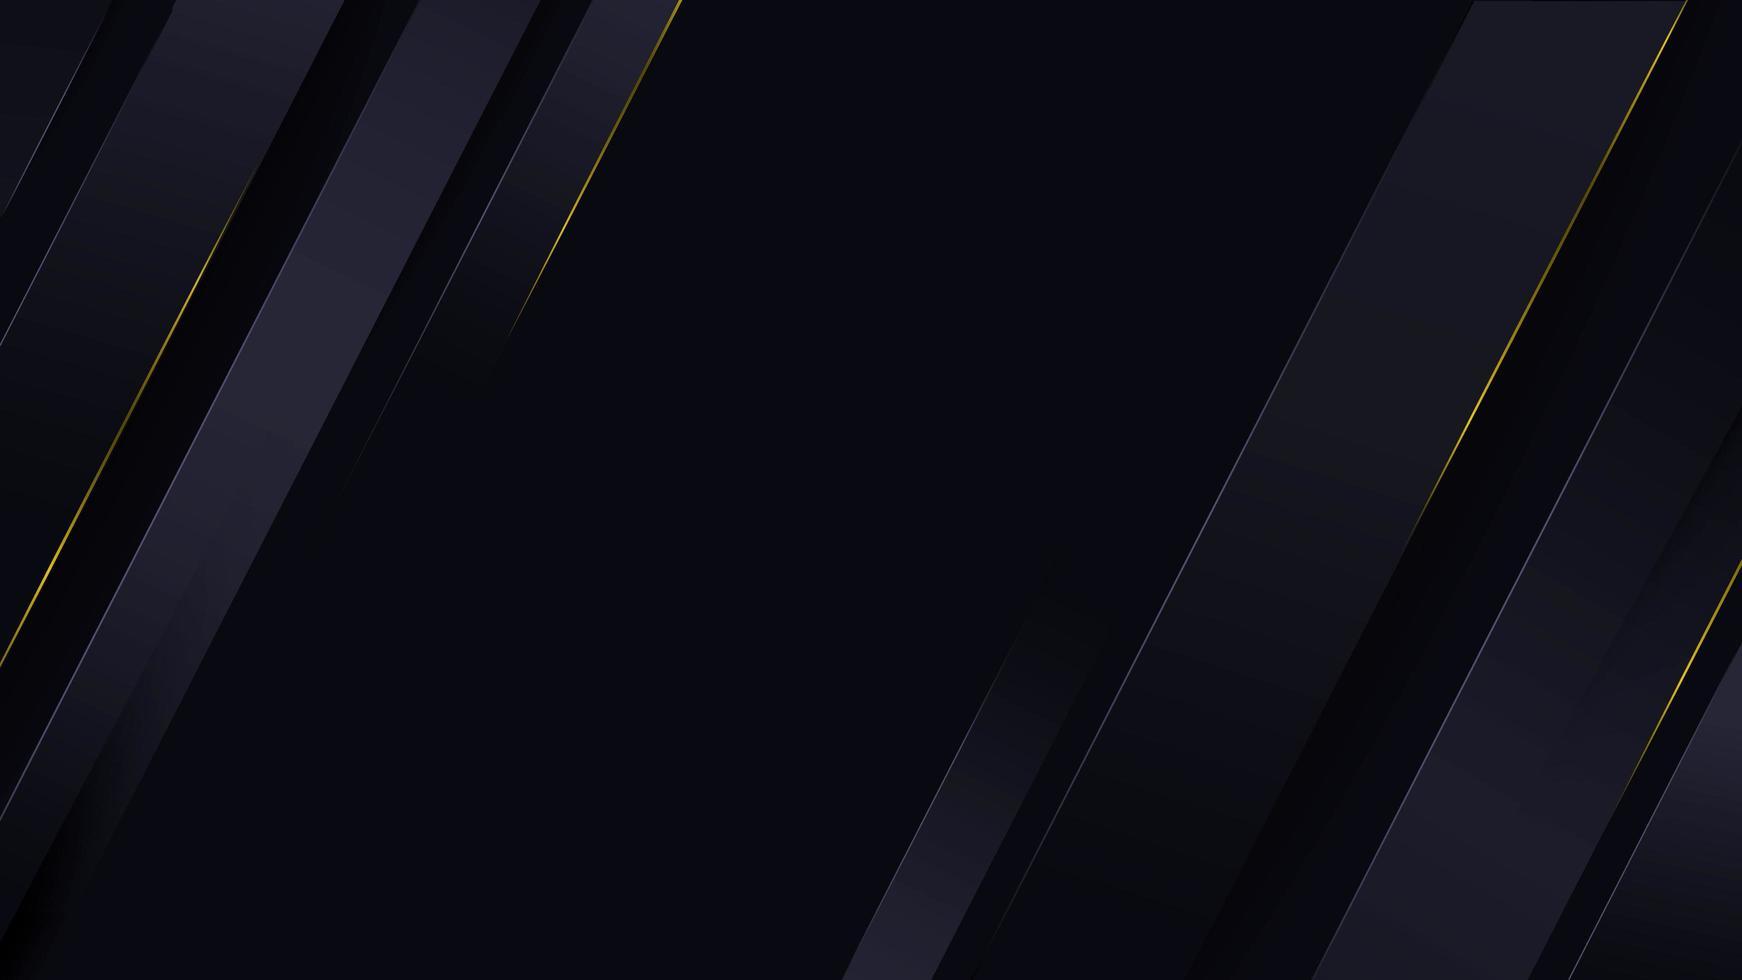 tiras poligonales abstractas en ángulo con líneas doradas vector